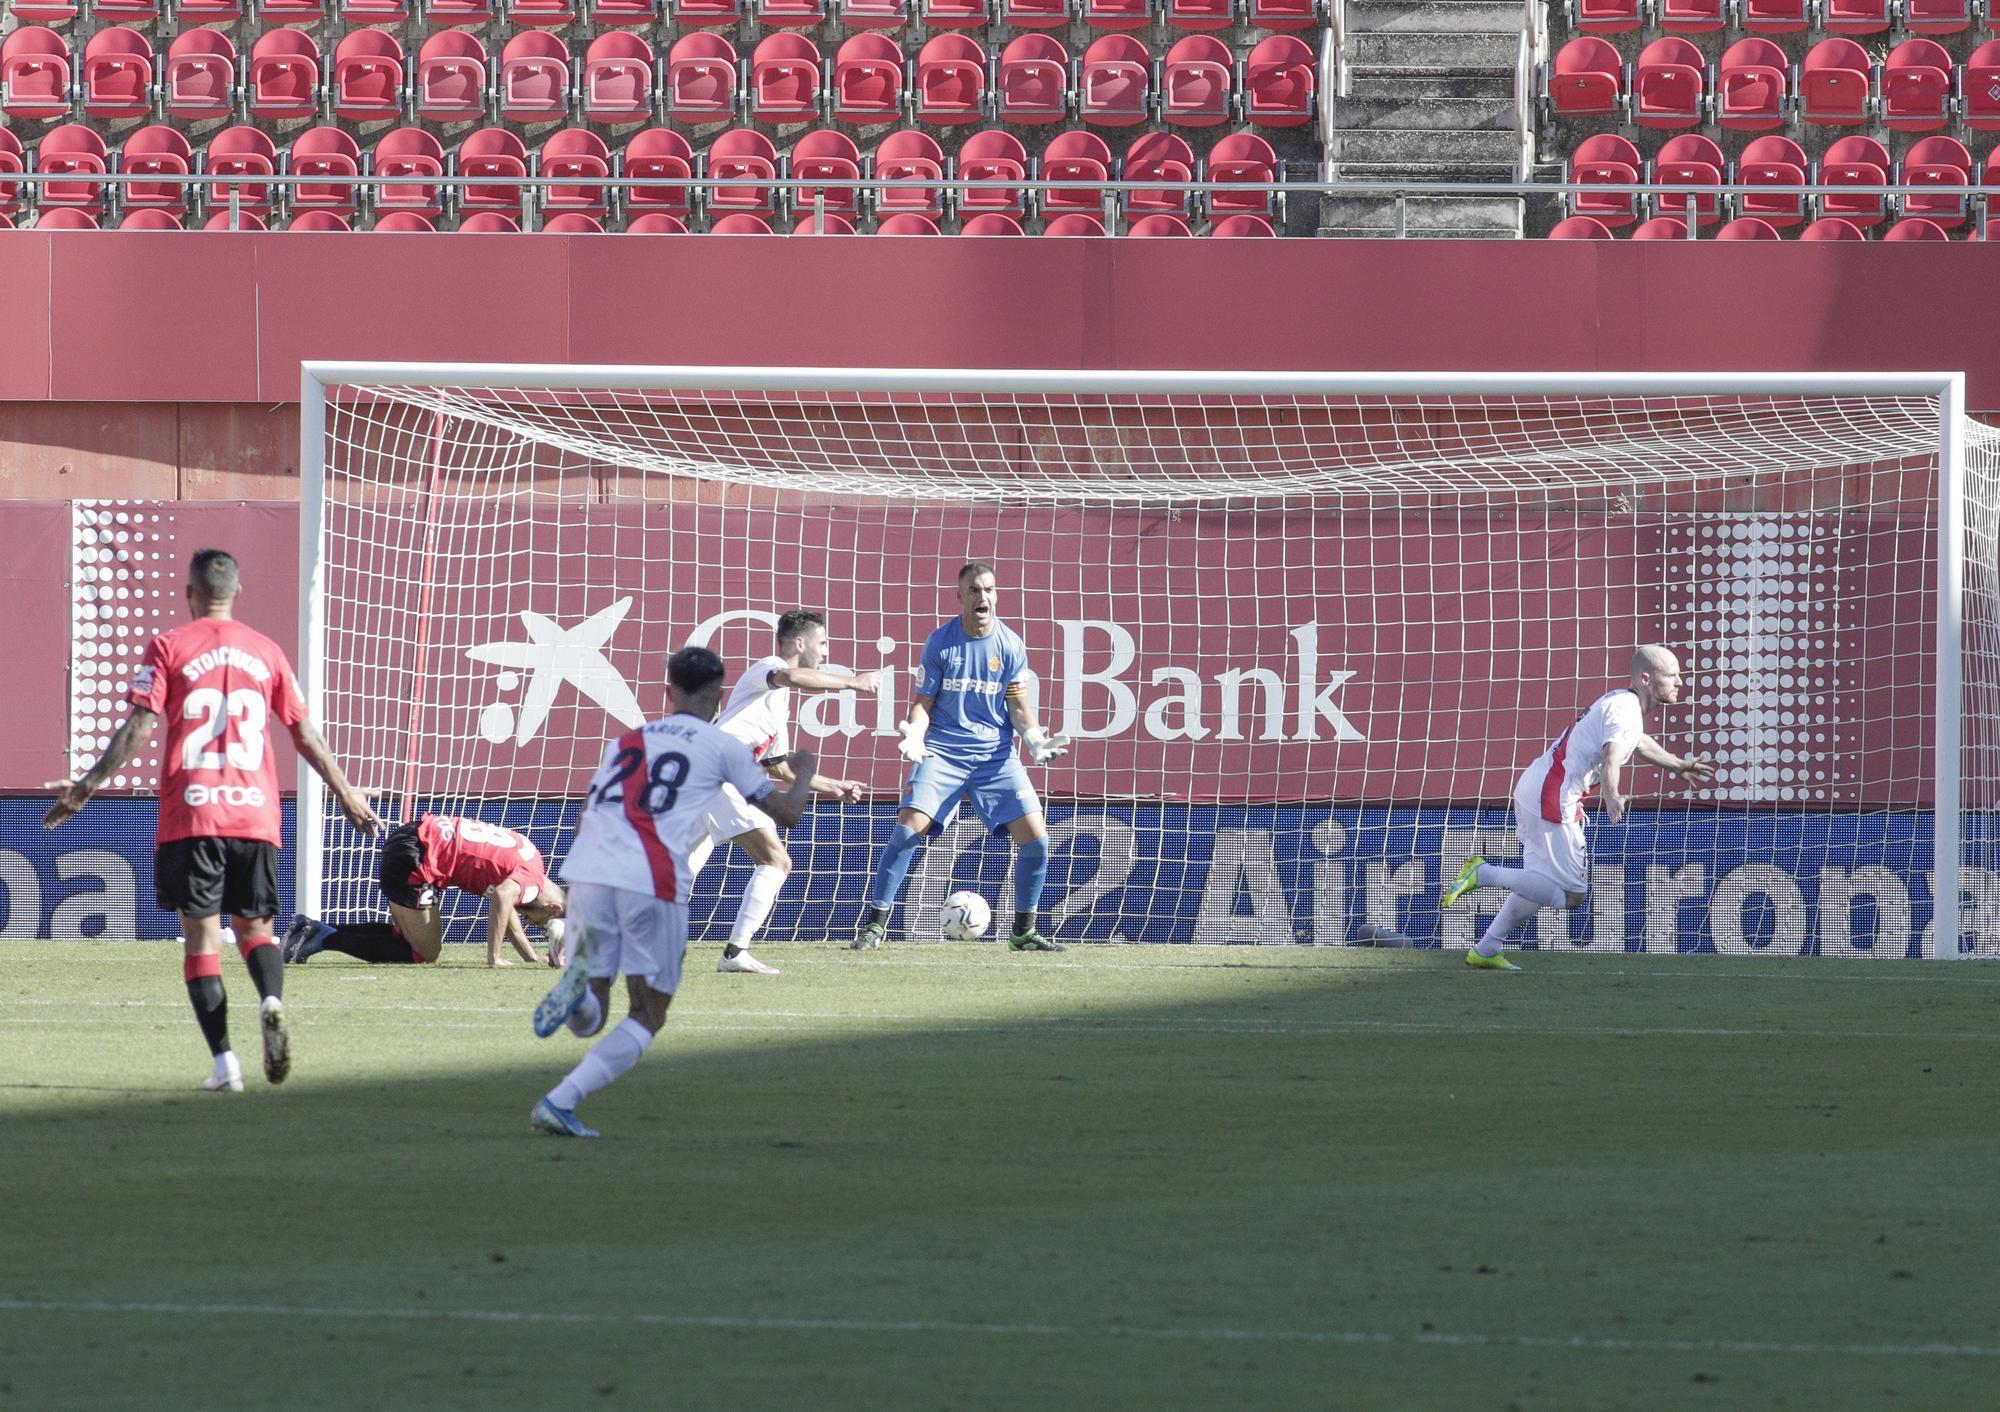 El Mallorca suspende en su estreno contra el Rayo